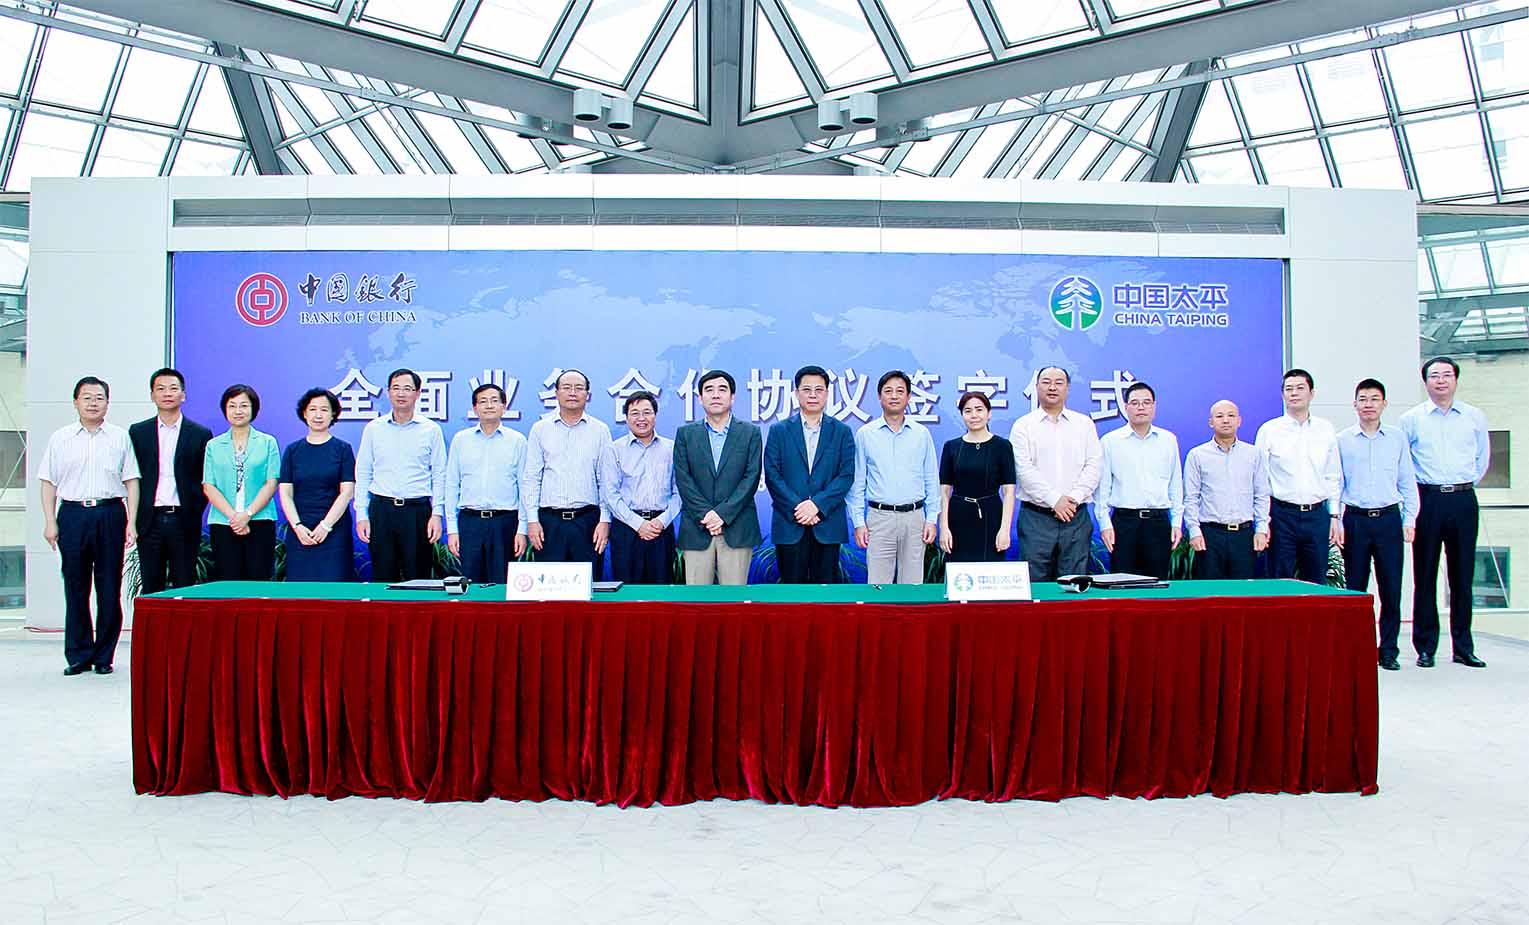 中國太平與中國銀行簽署全面業務合作協議